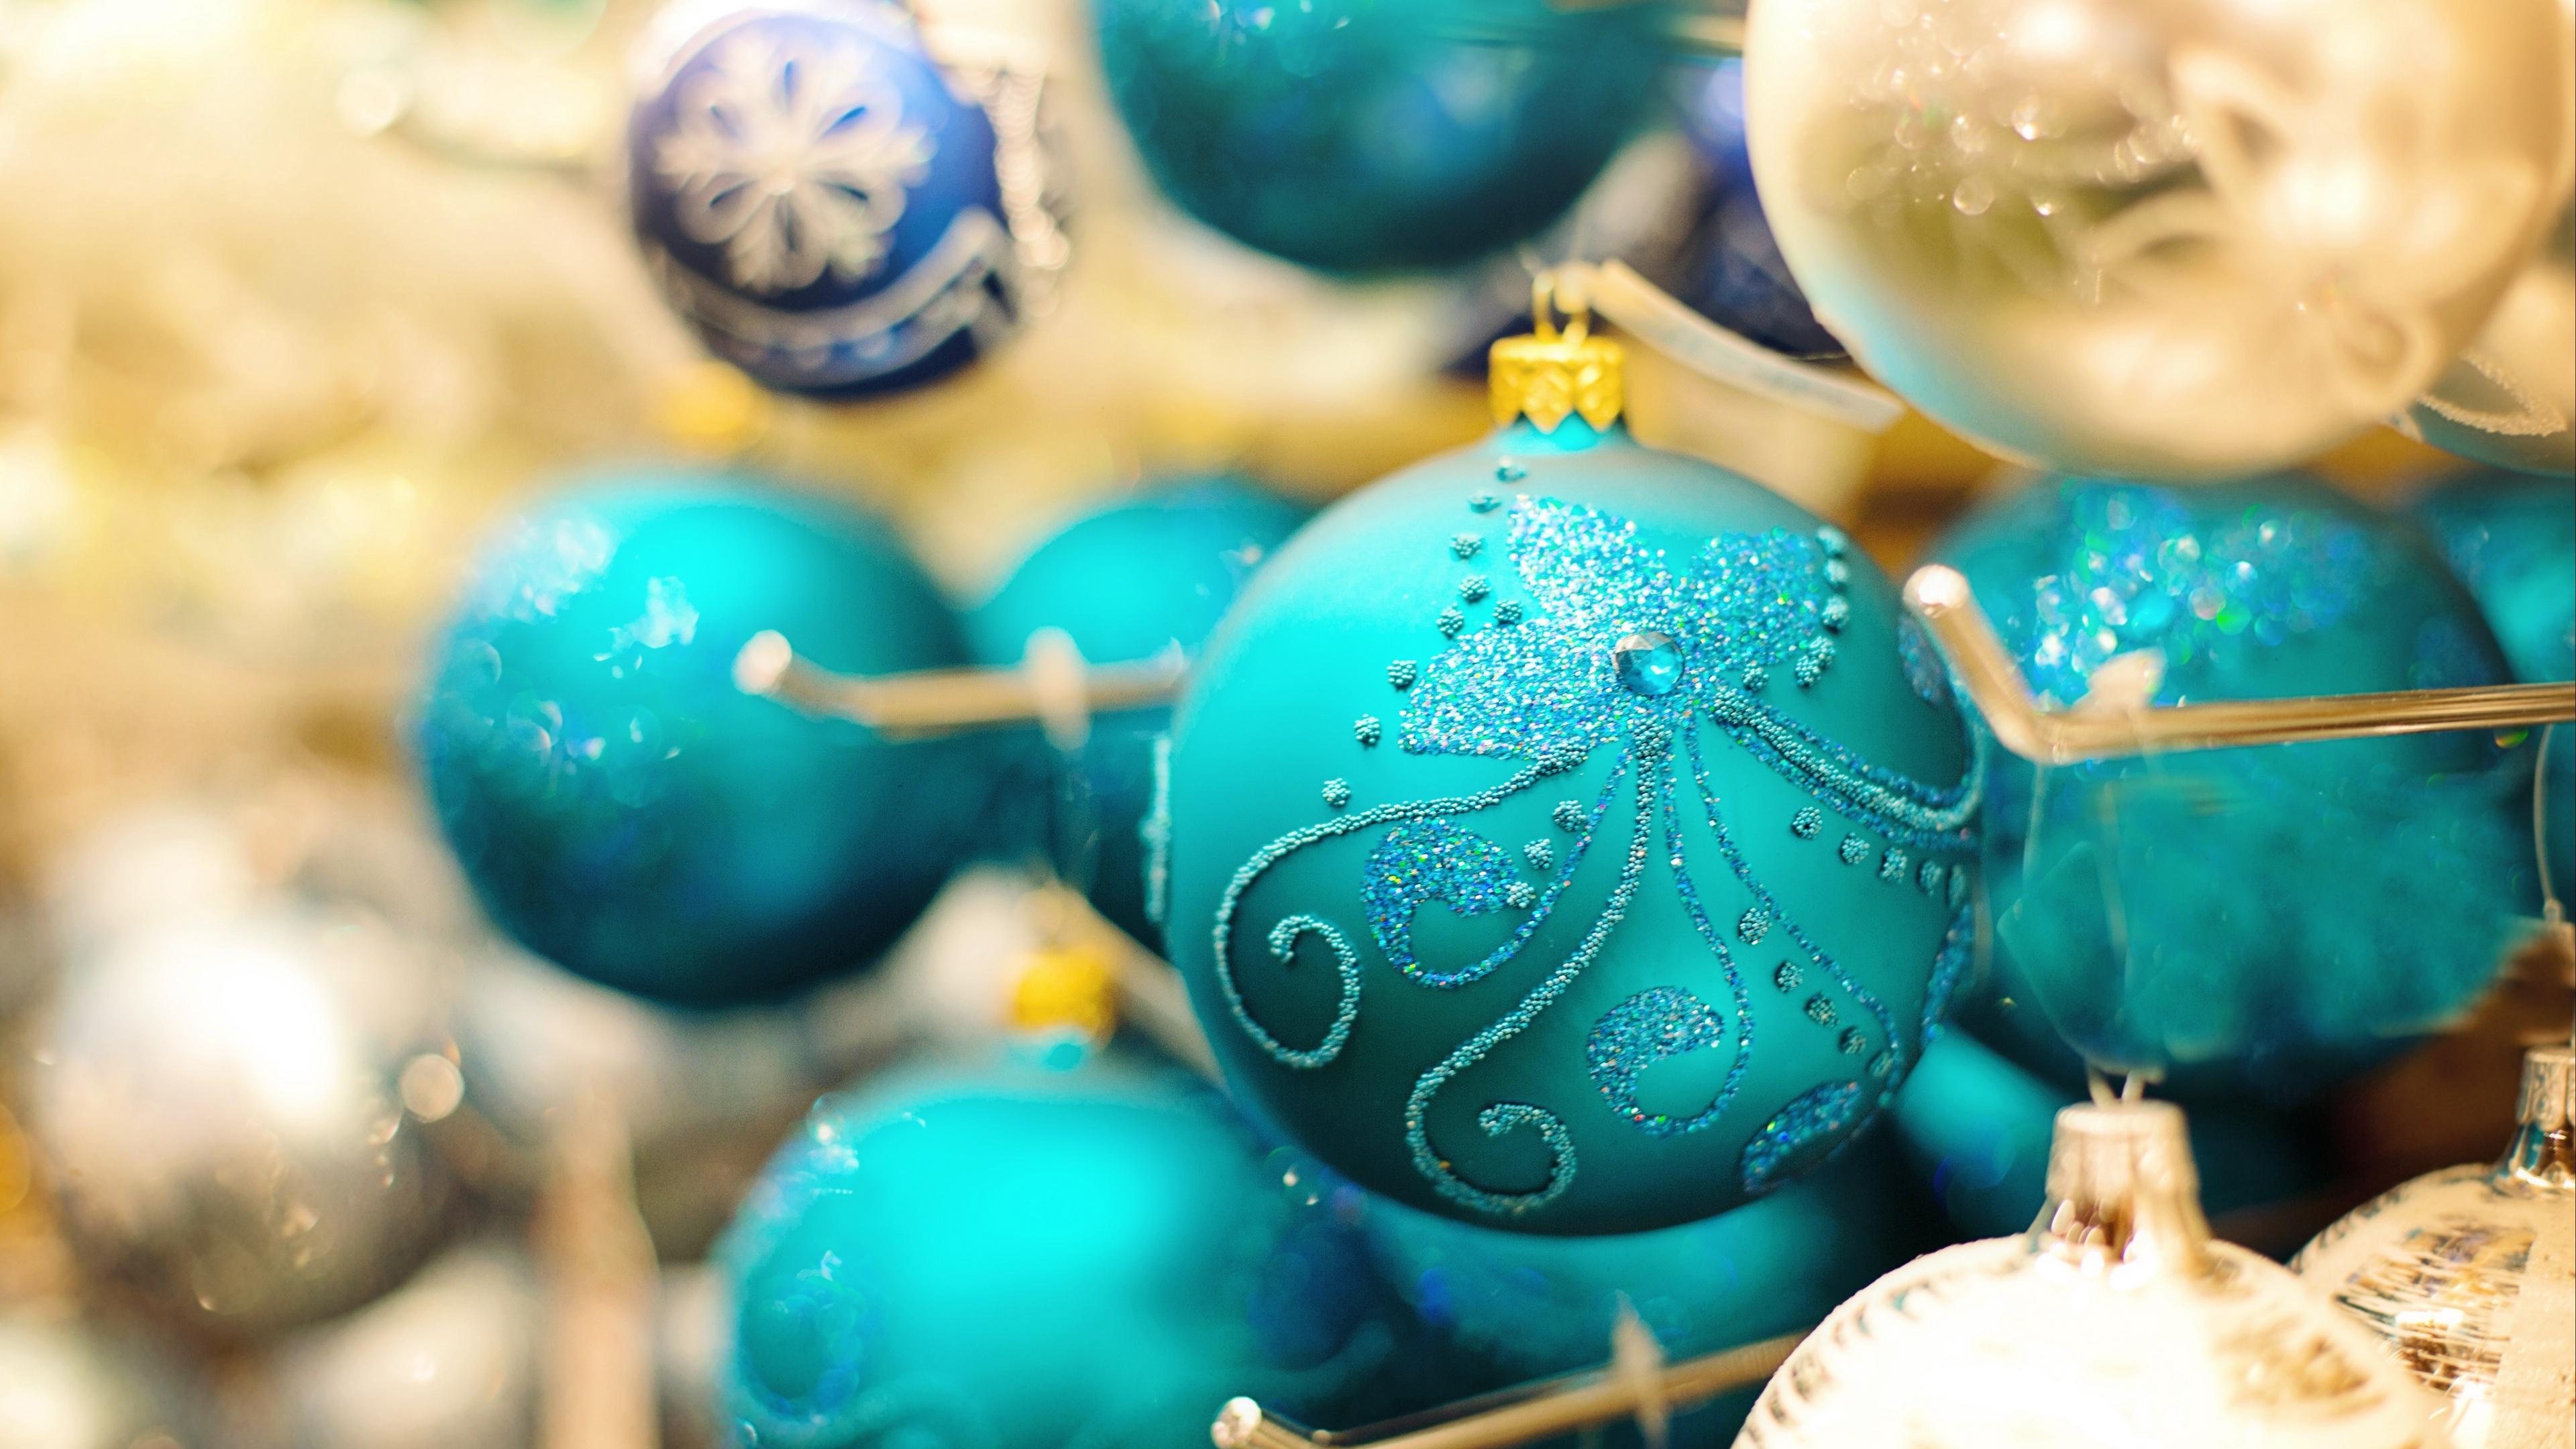 christmas decorations christmas new year balls patterns 4k 1538344552 - christmas decorations, christmas, new year, balls, patterns 4k - new year, christmas decorations, Christmas